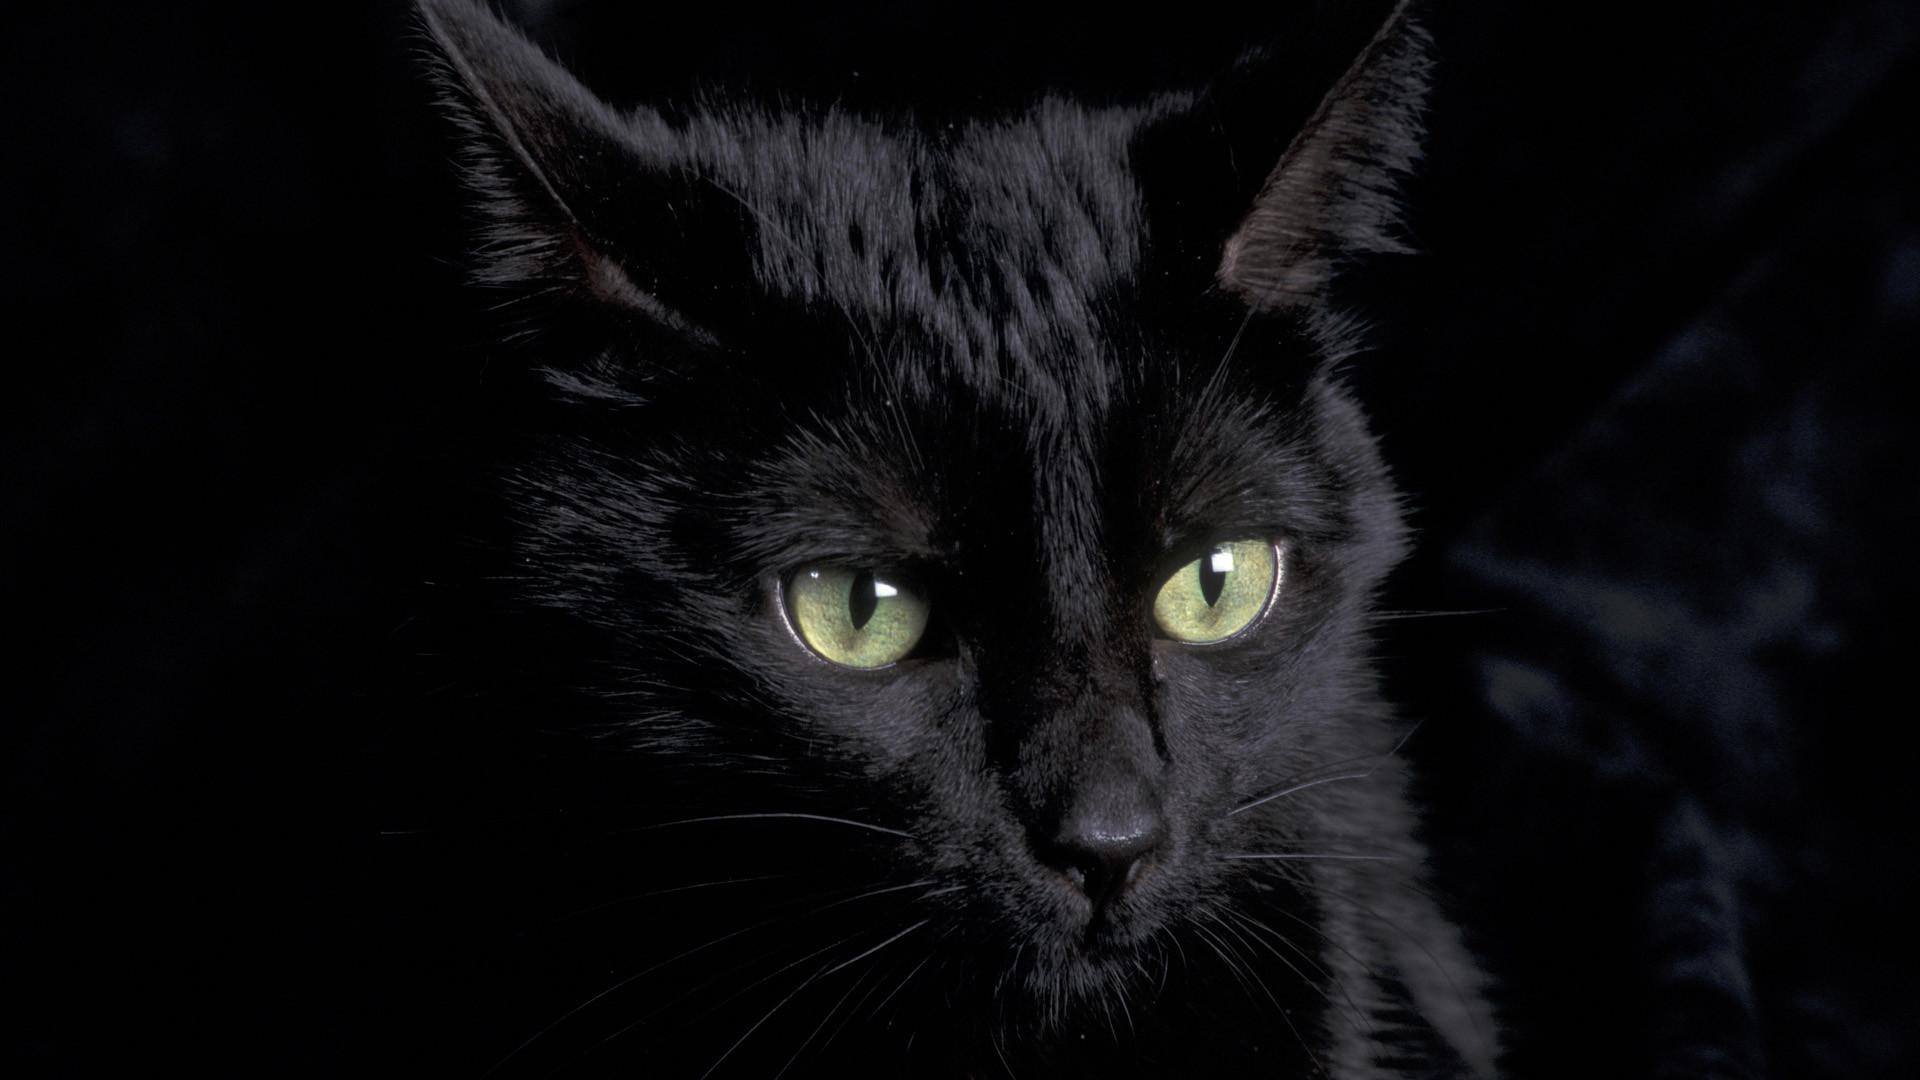 Black Cat Wallpapers Wallpapertag